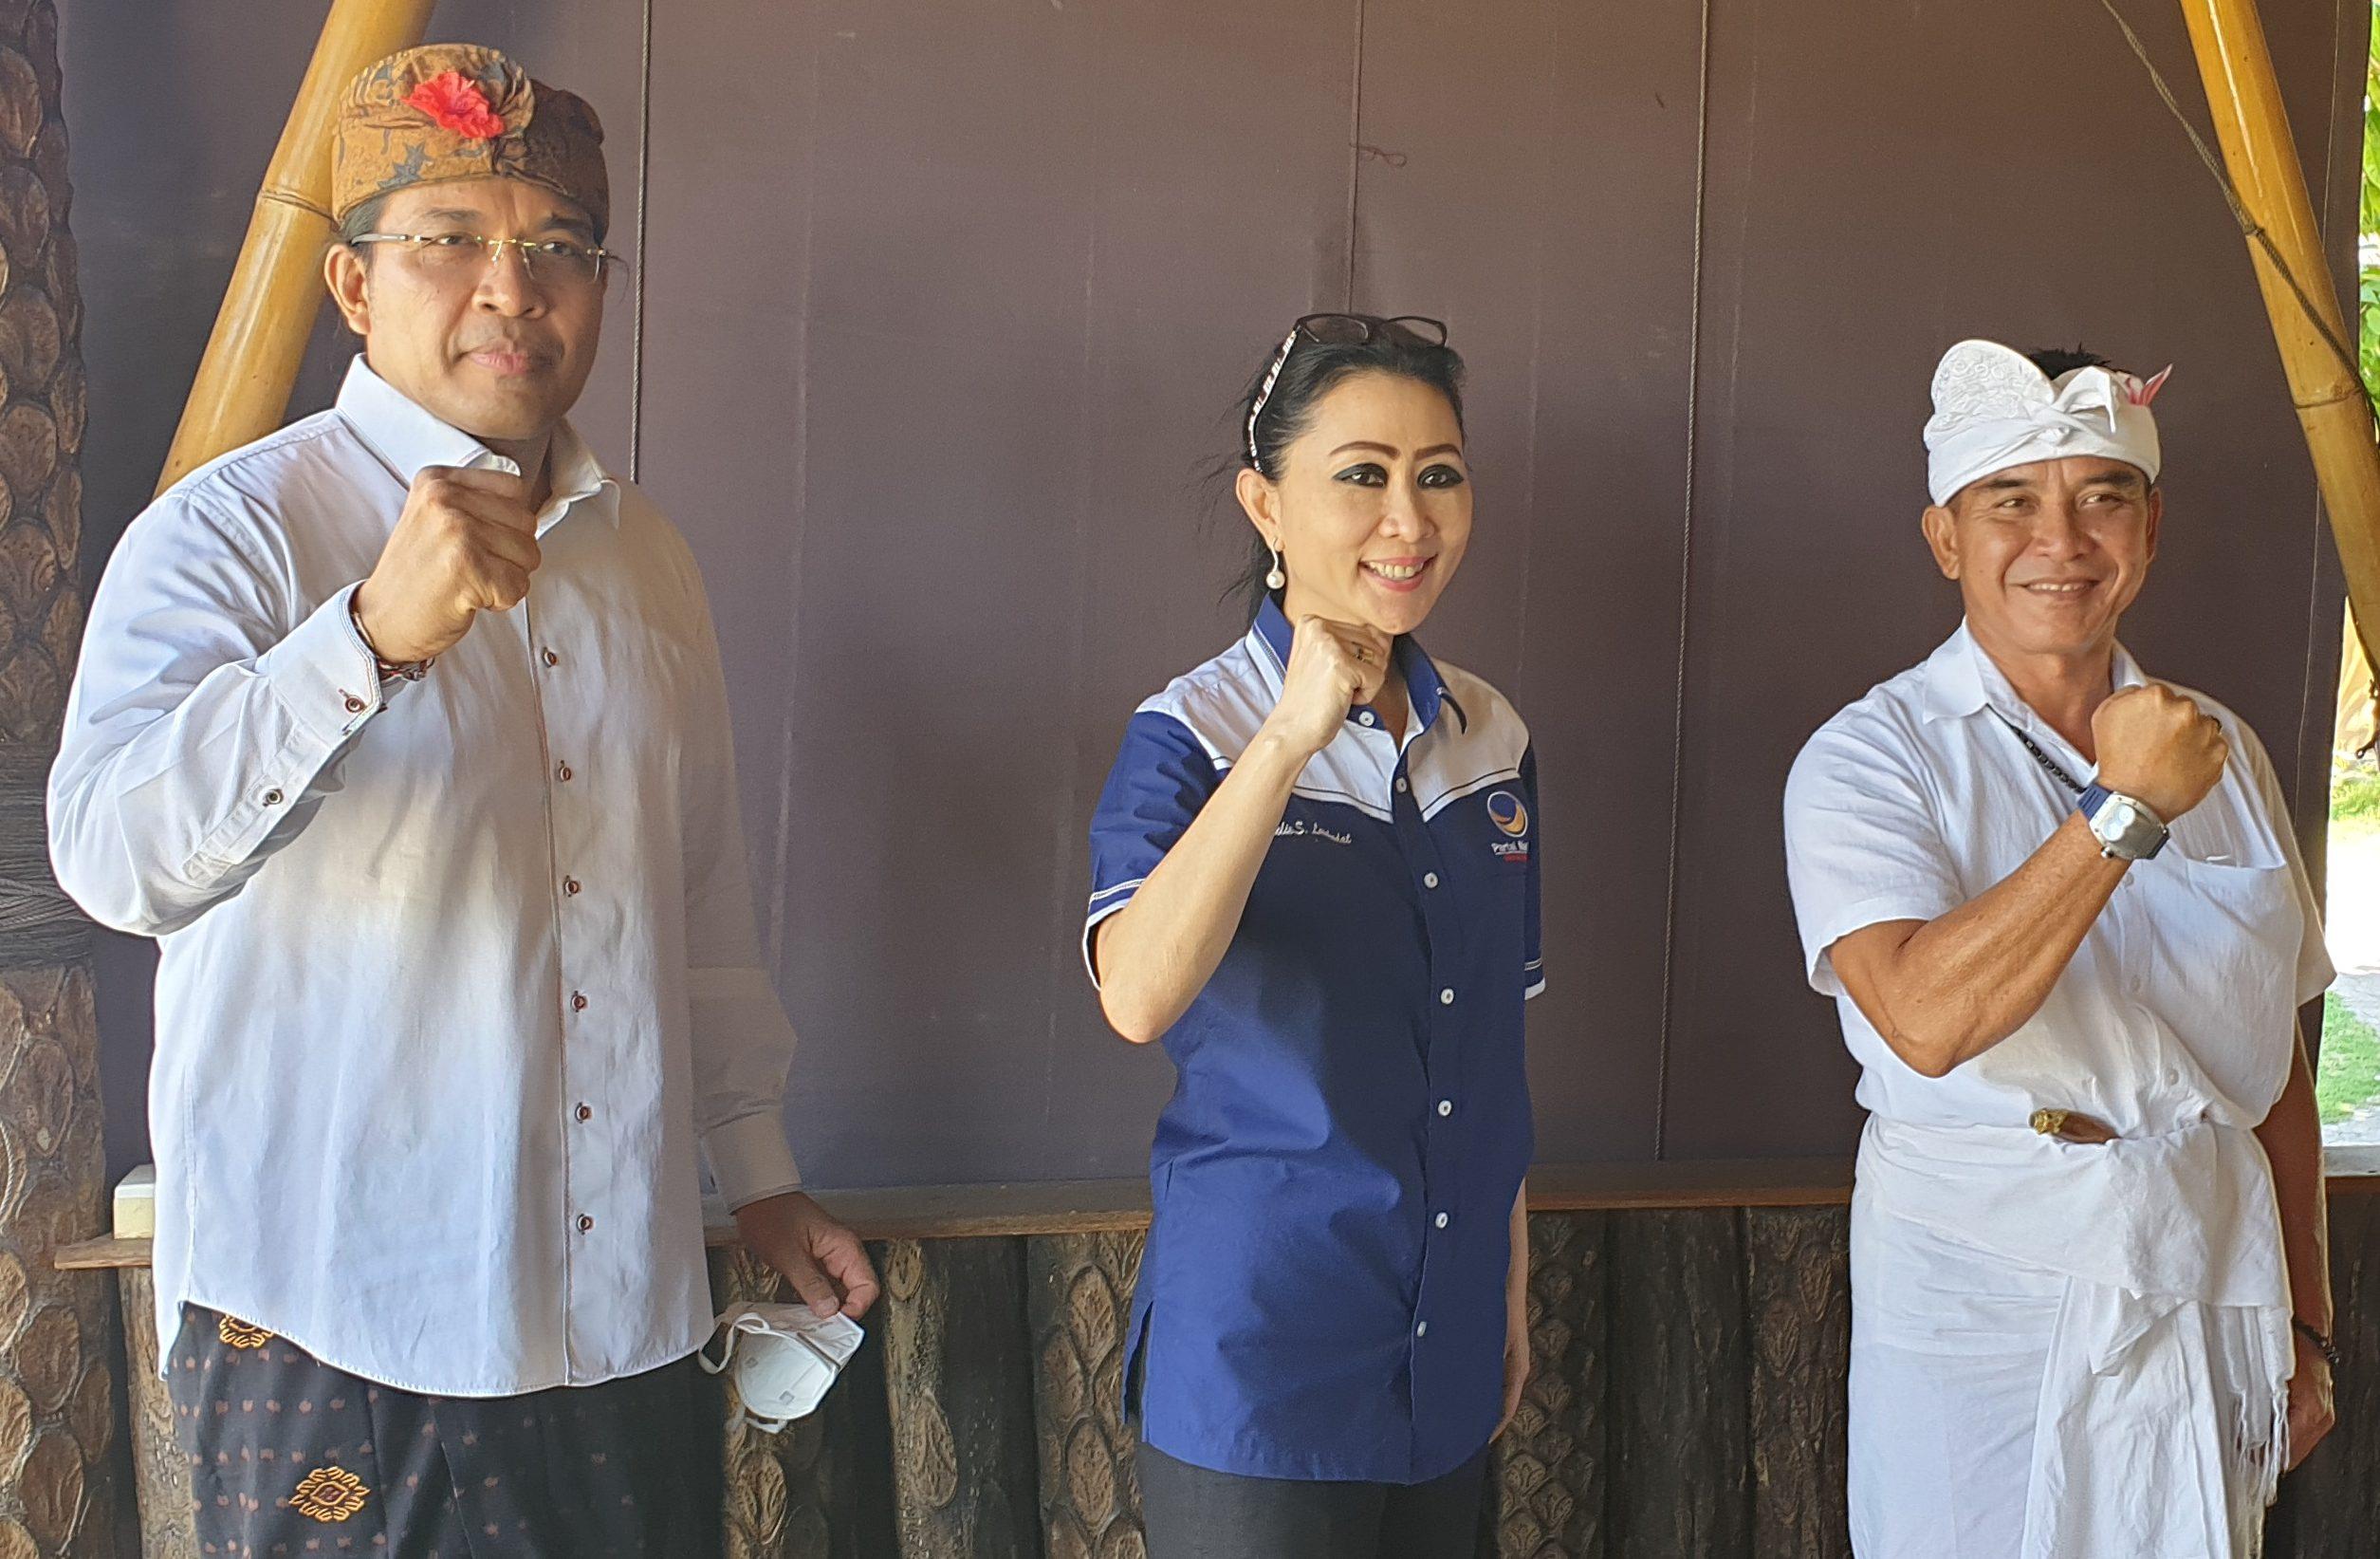 NGURAH Ambara Putra (kiri) bersama Bagus Kertanegara (kanan) mengapit Ketua DPW Nasdem Bali, Yulie Sutrisno Laiskodat, usai penyerahan rekomendasi dari Nasdem, Senin (24/8) lalu. Foto: gus hendra